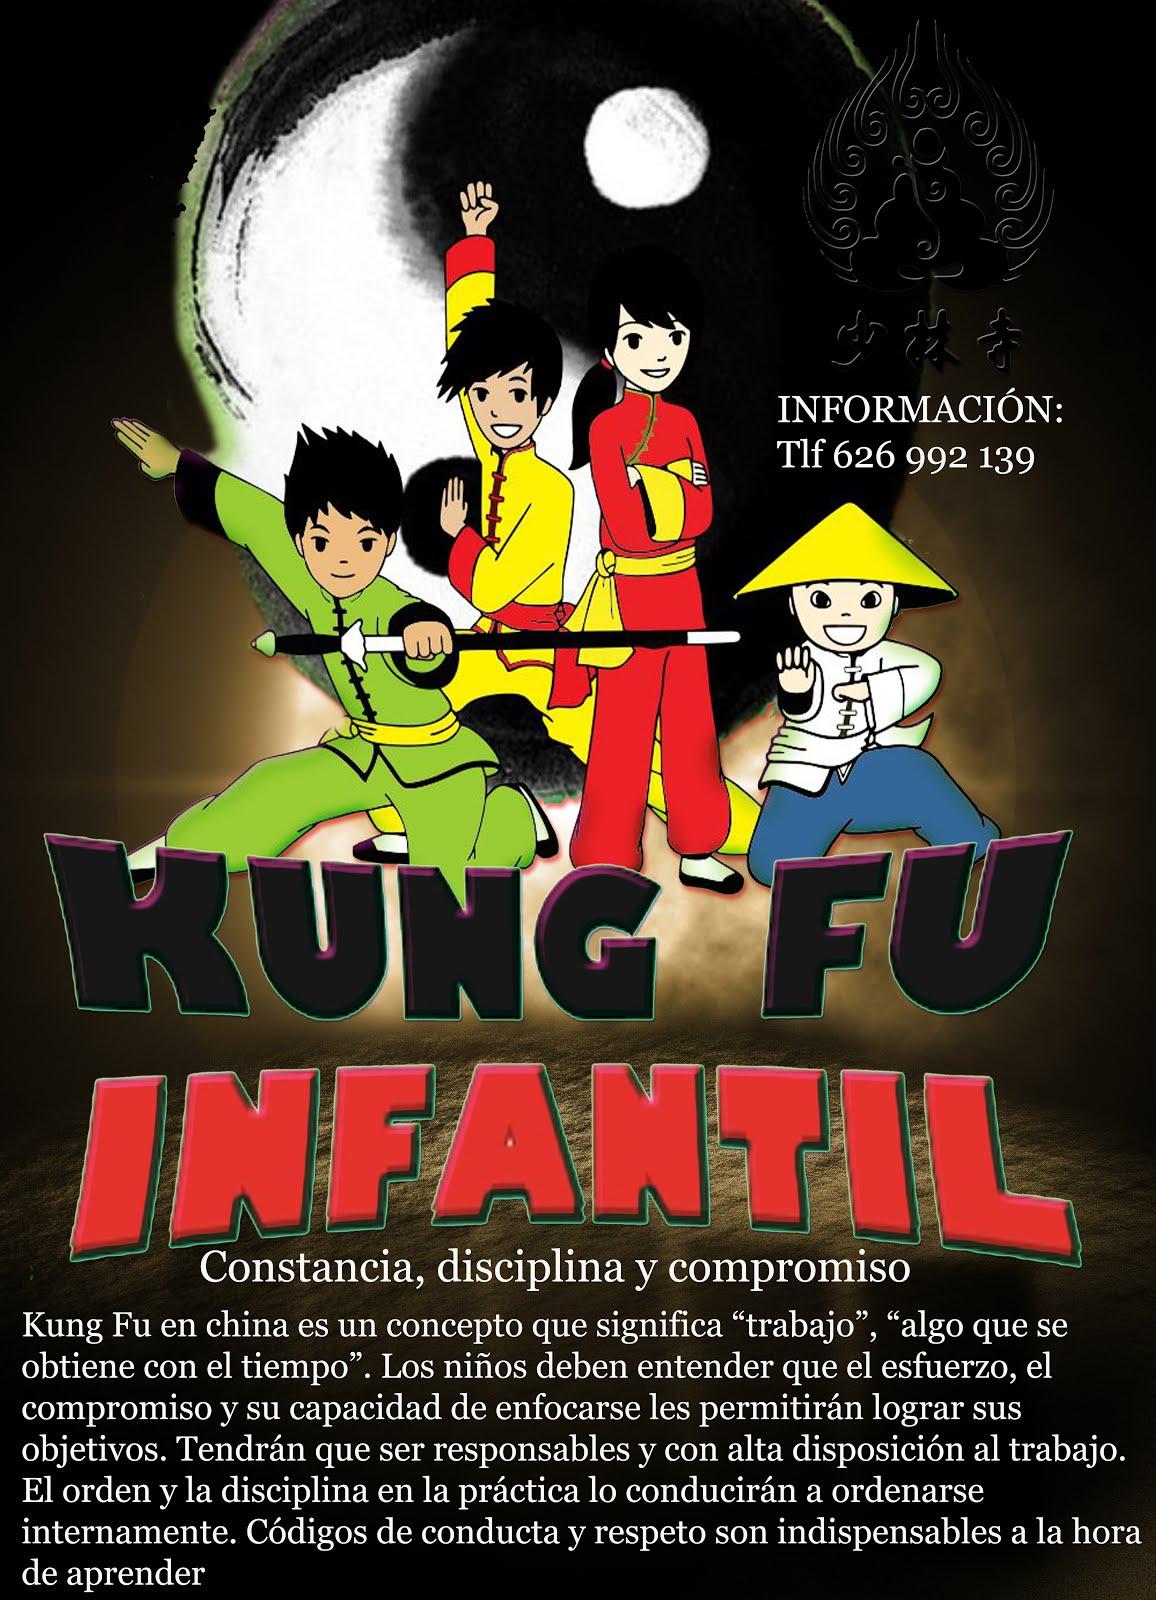 Kung-Fu Madrid Shaolin - Cursos y Clases Niñas y Niños. Infórmate ahora mismo Tlf: 626992139